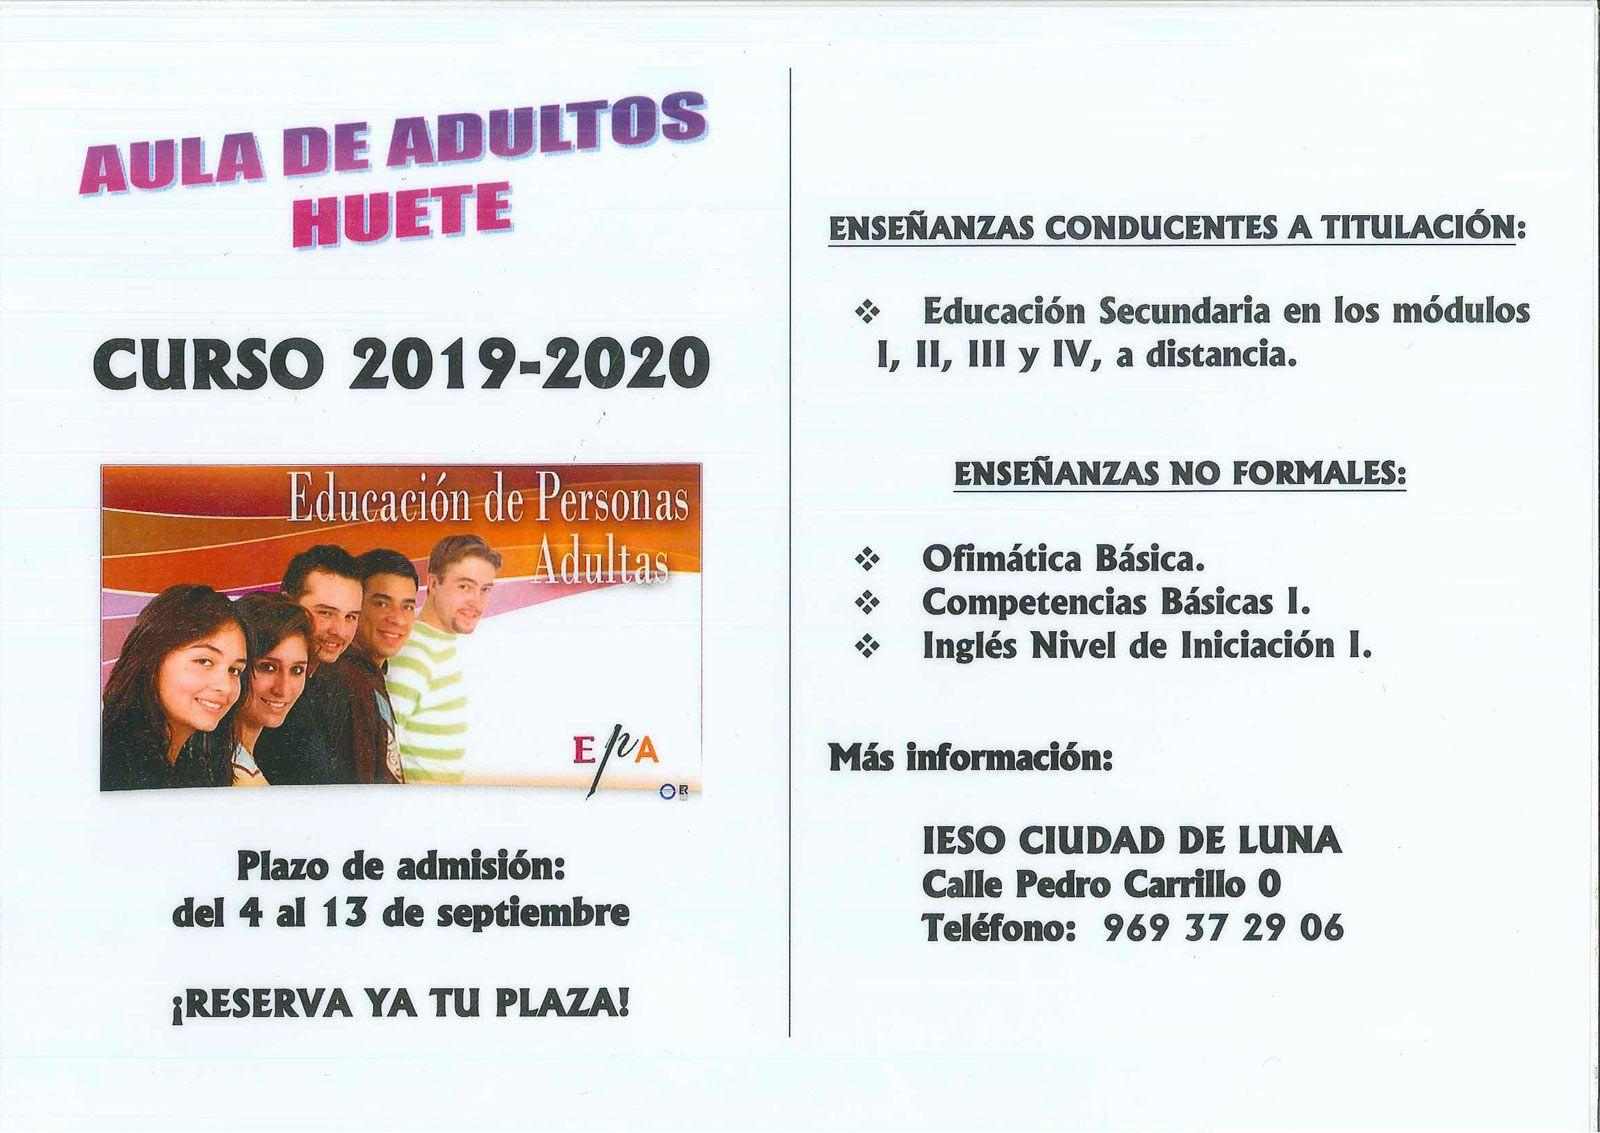 Abierto el plazo de inscripción para el Aula de Adultos de Huete curso 2019-20